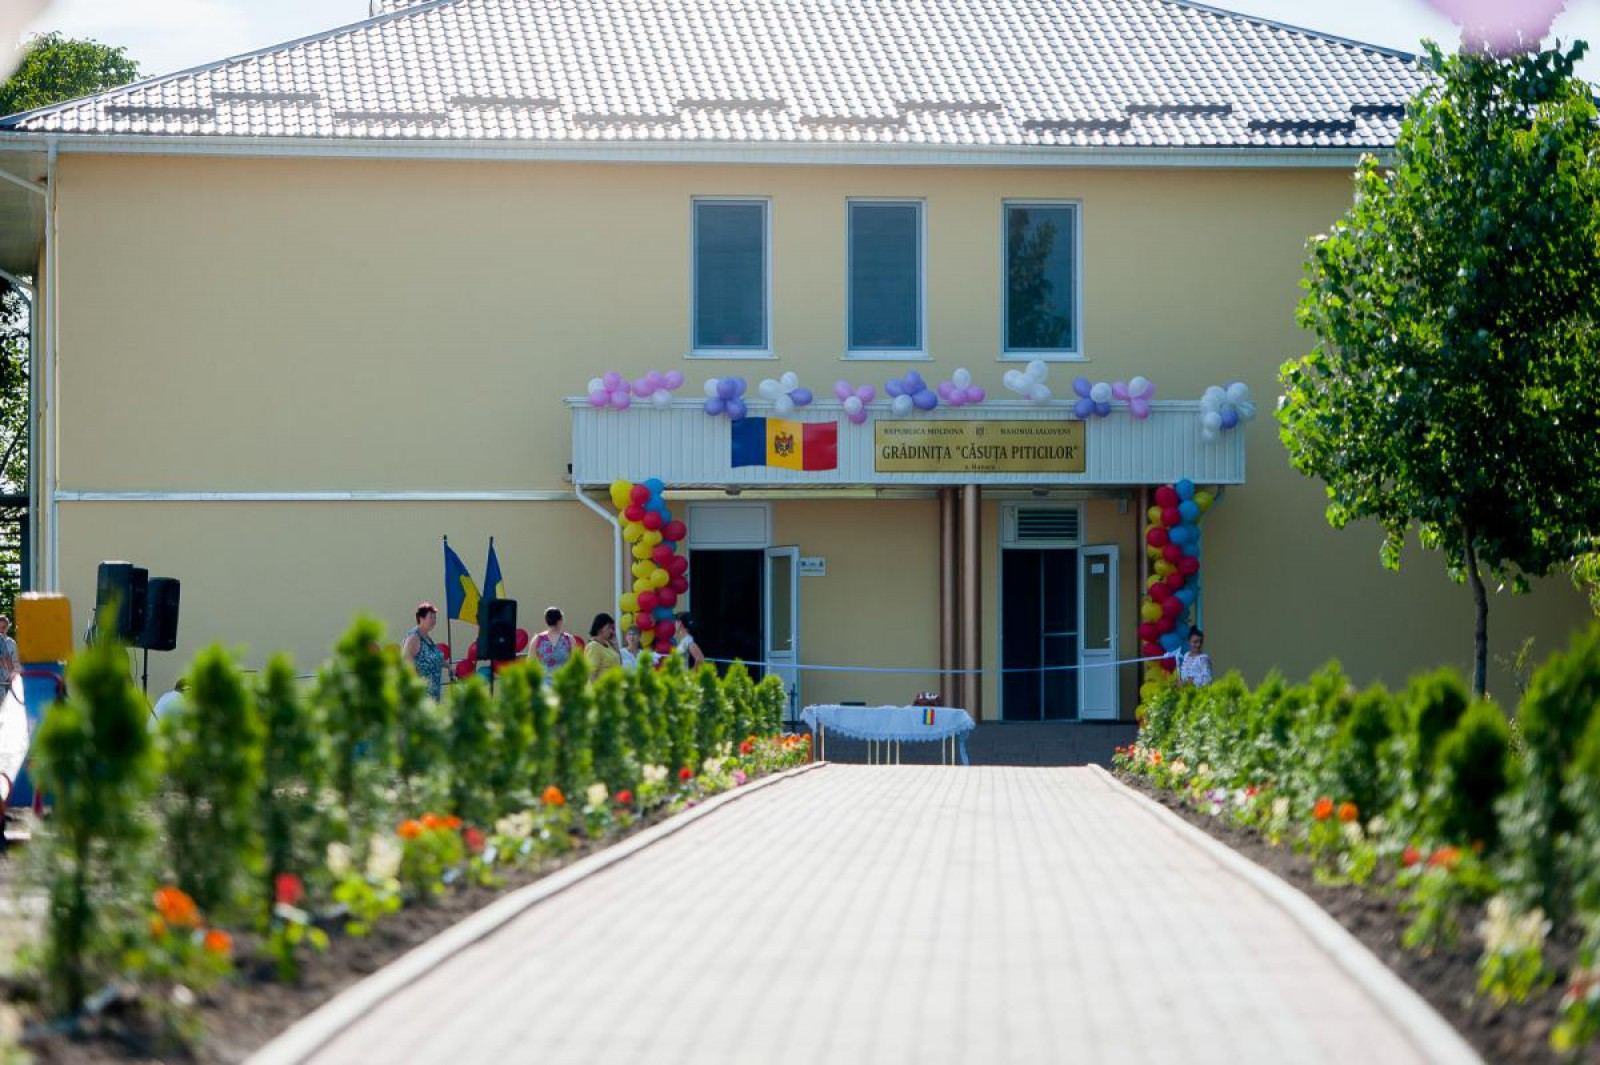 Guvernul României a decis să mai aloce alte trei milioane de euro pentru renovarea grădinițelor din Moldova